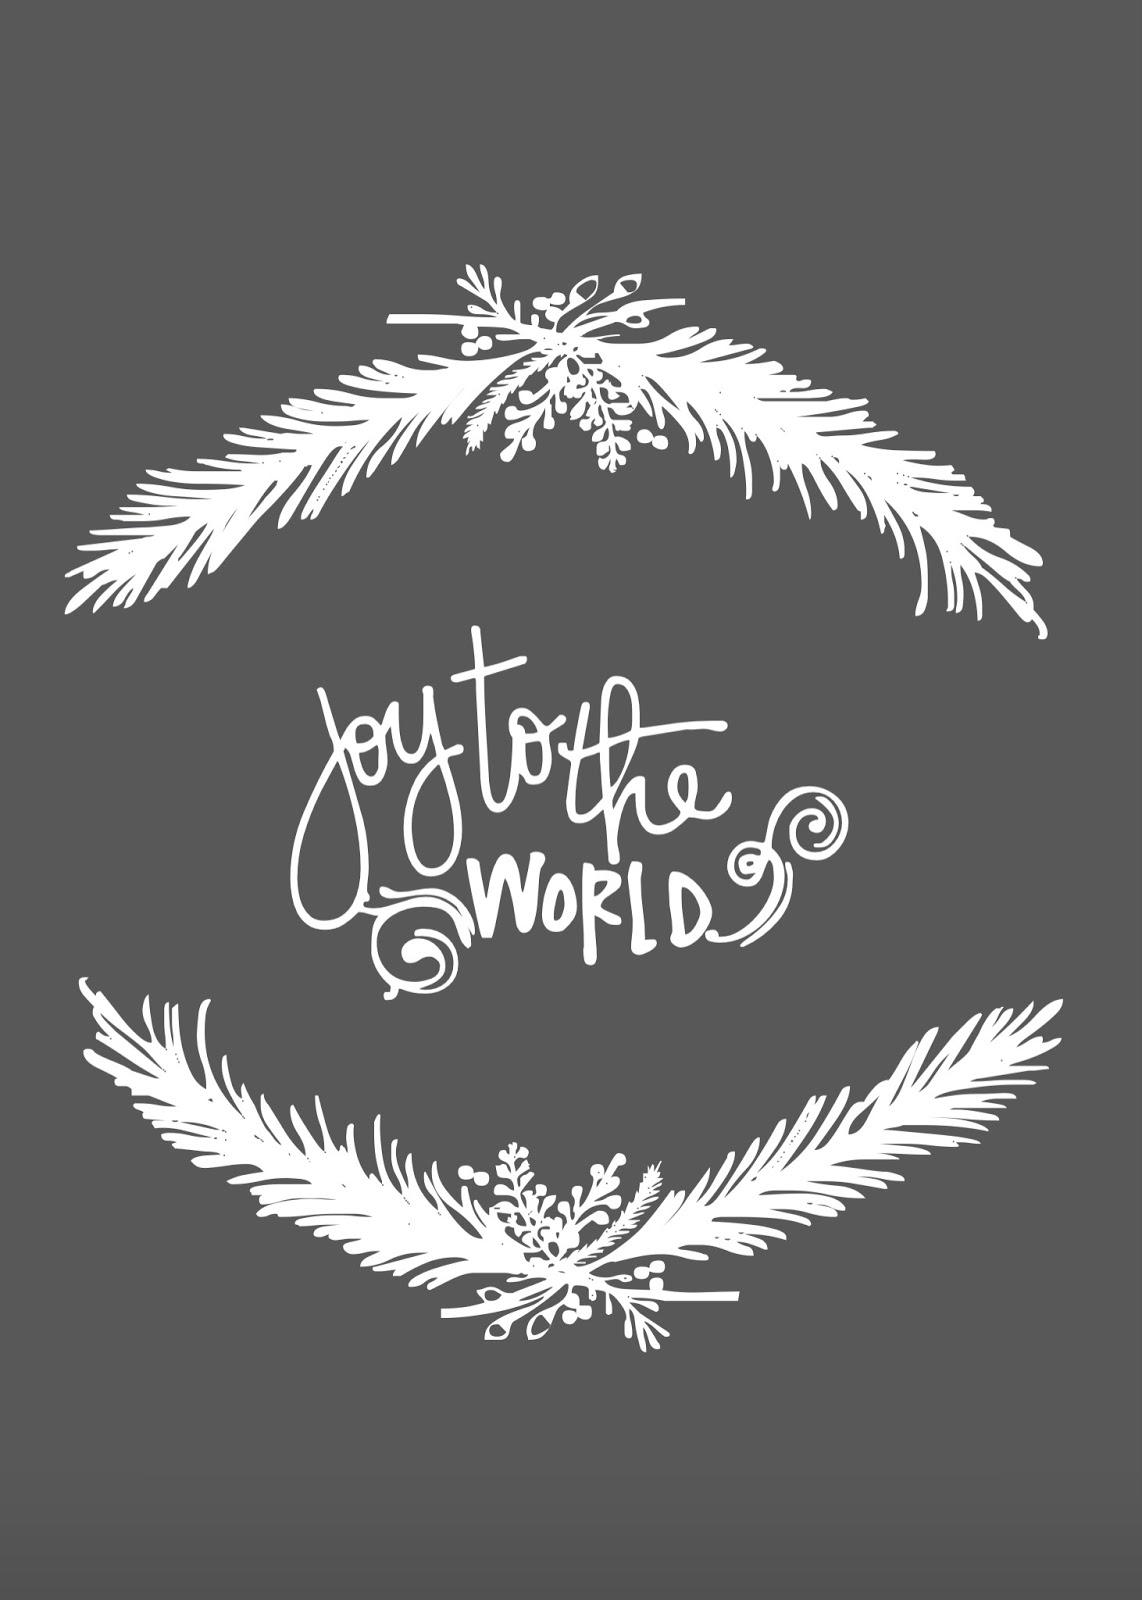 Joy to the World free Christmas Printable 4x6